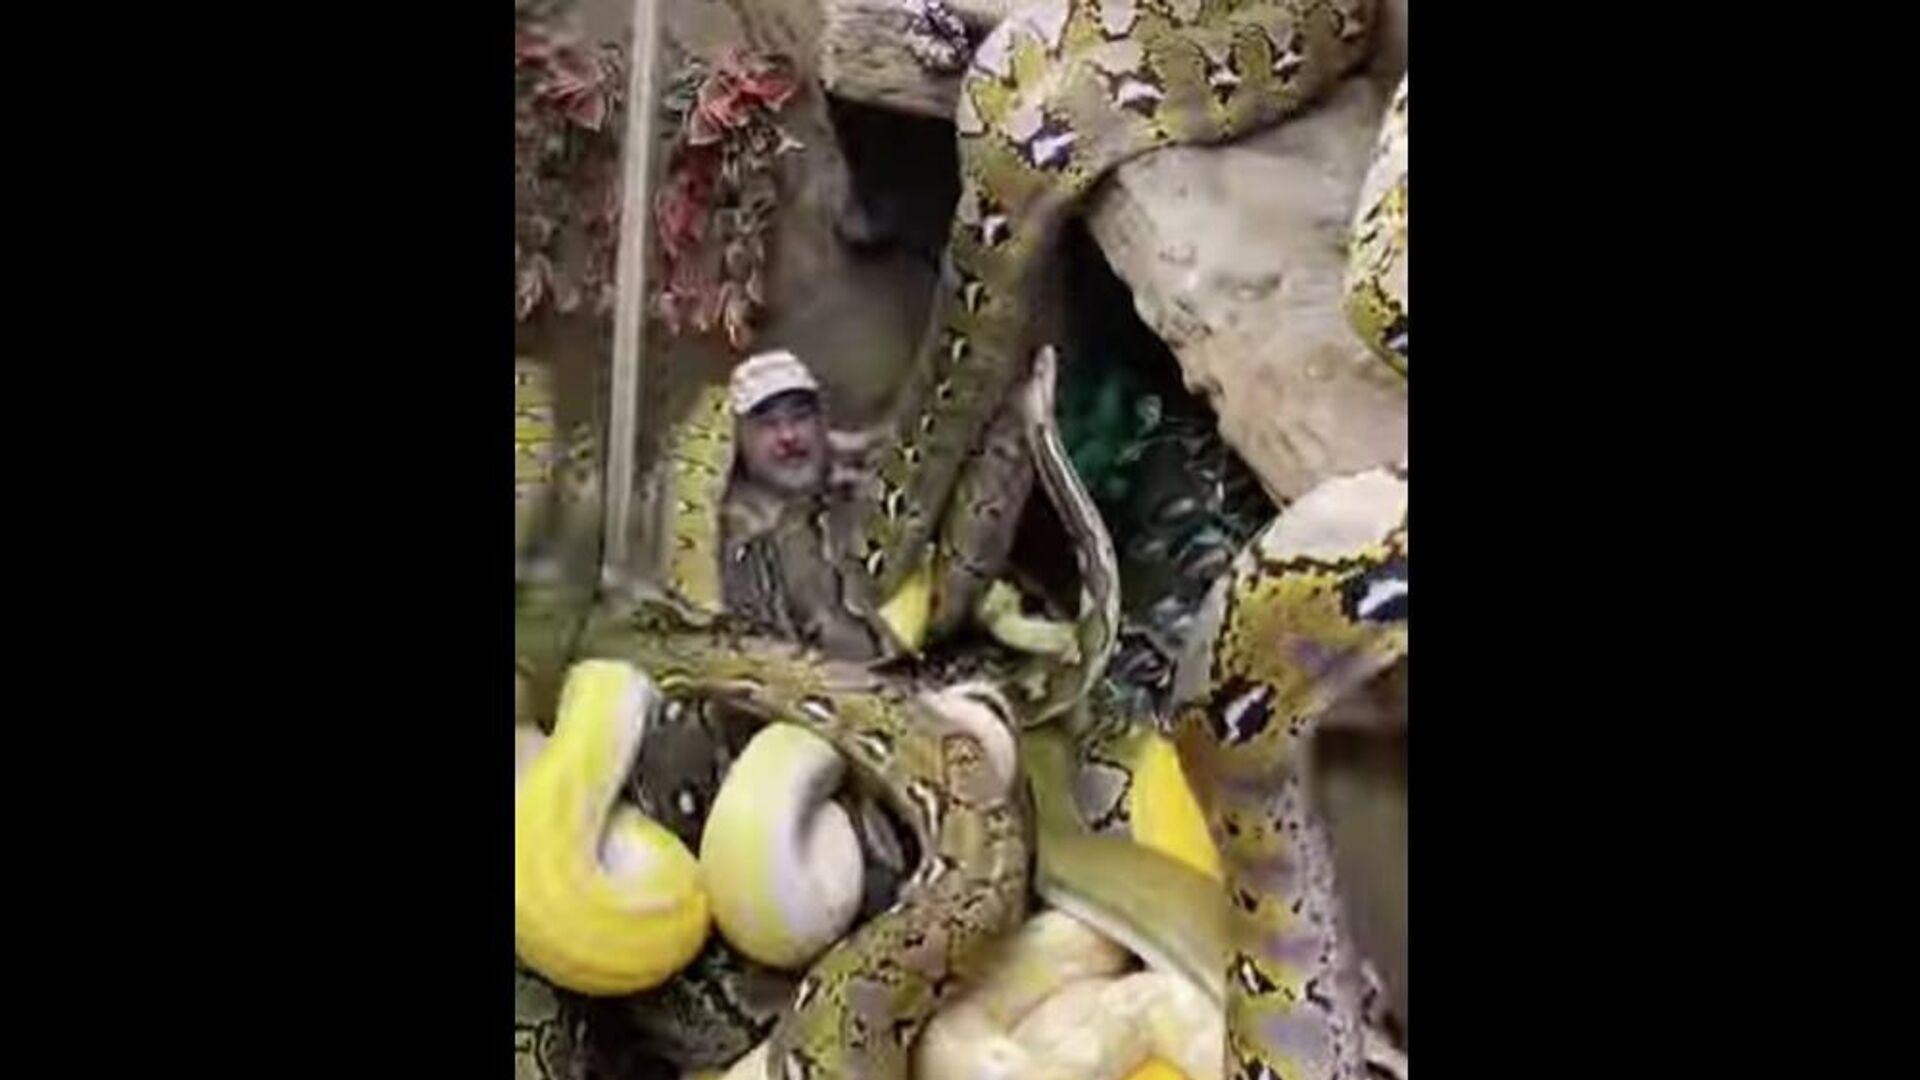 Άντρας είναι περικυκλωμένος από πελώρια φίδια - Sputnik Ελλάδα, 1920, 26.09.2021